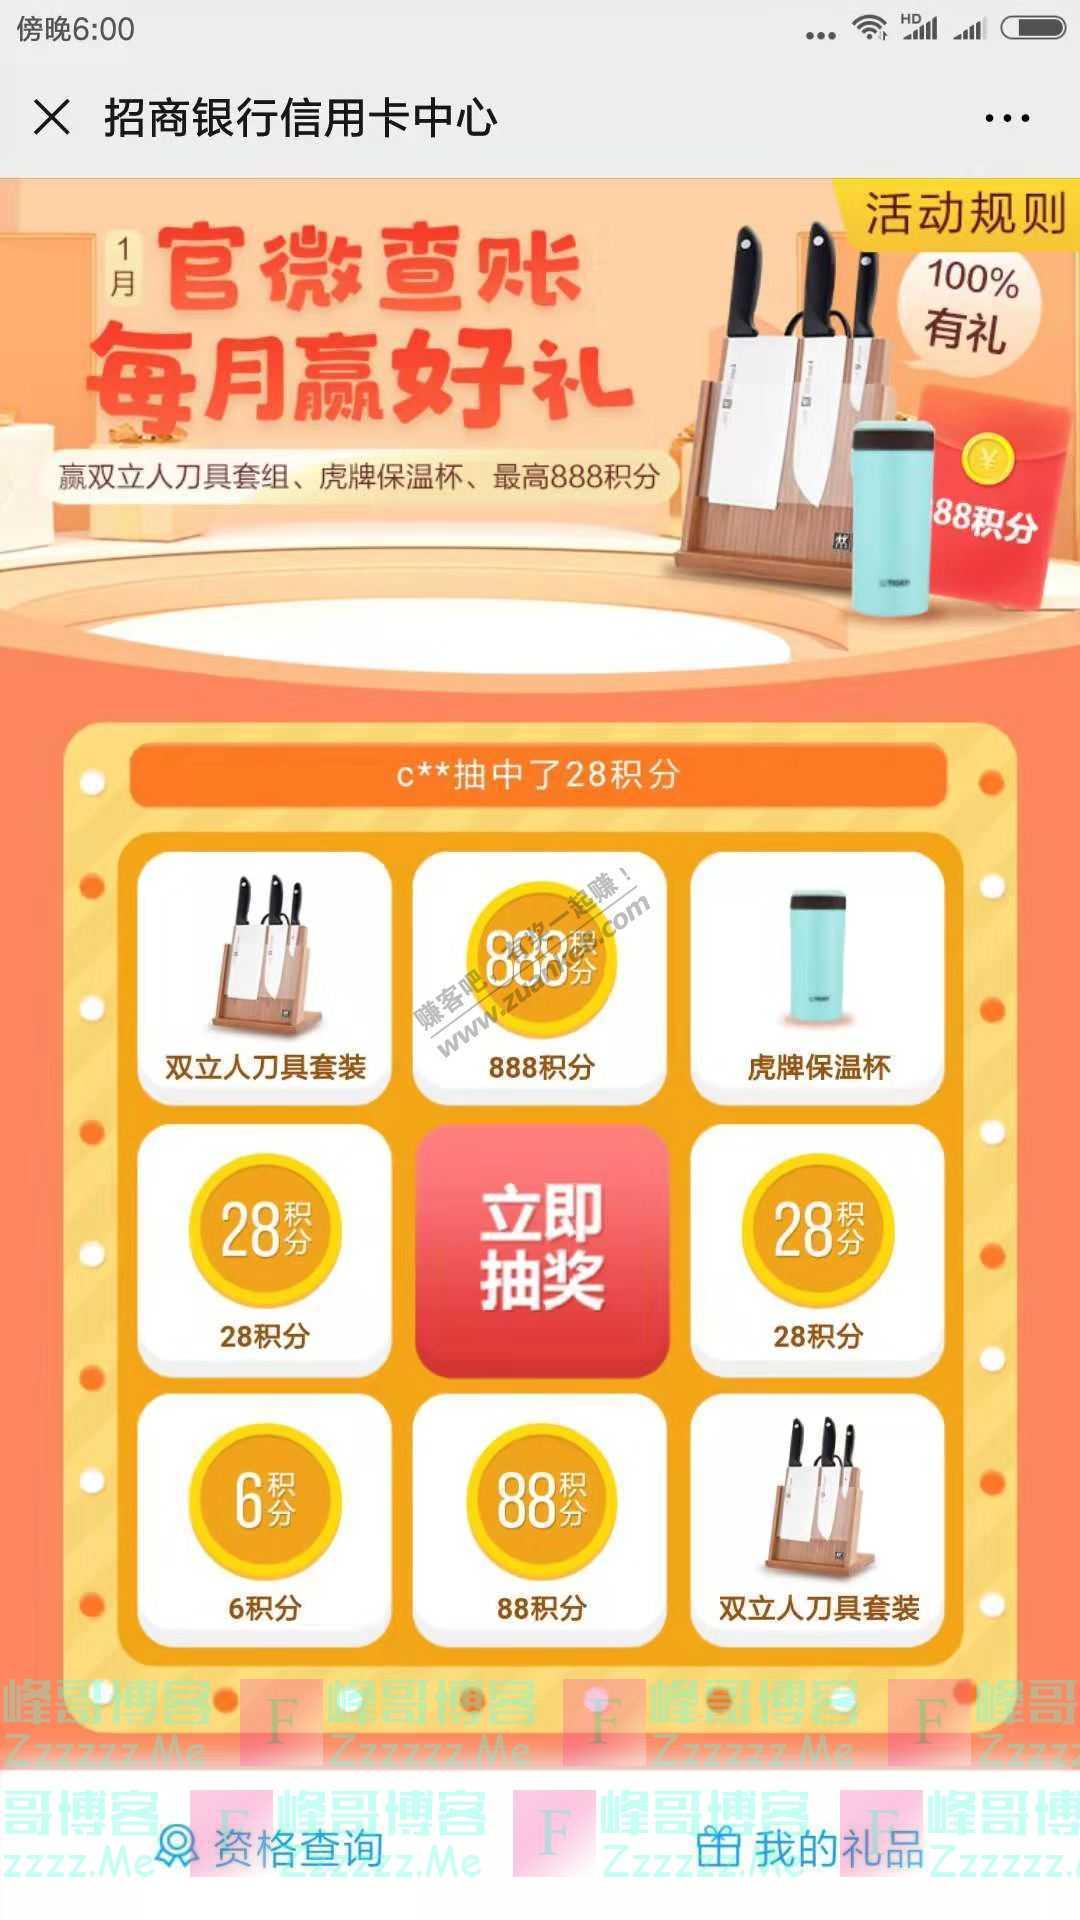 招商银行xing/用卡查账礼(截止1月31日)